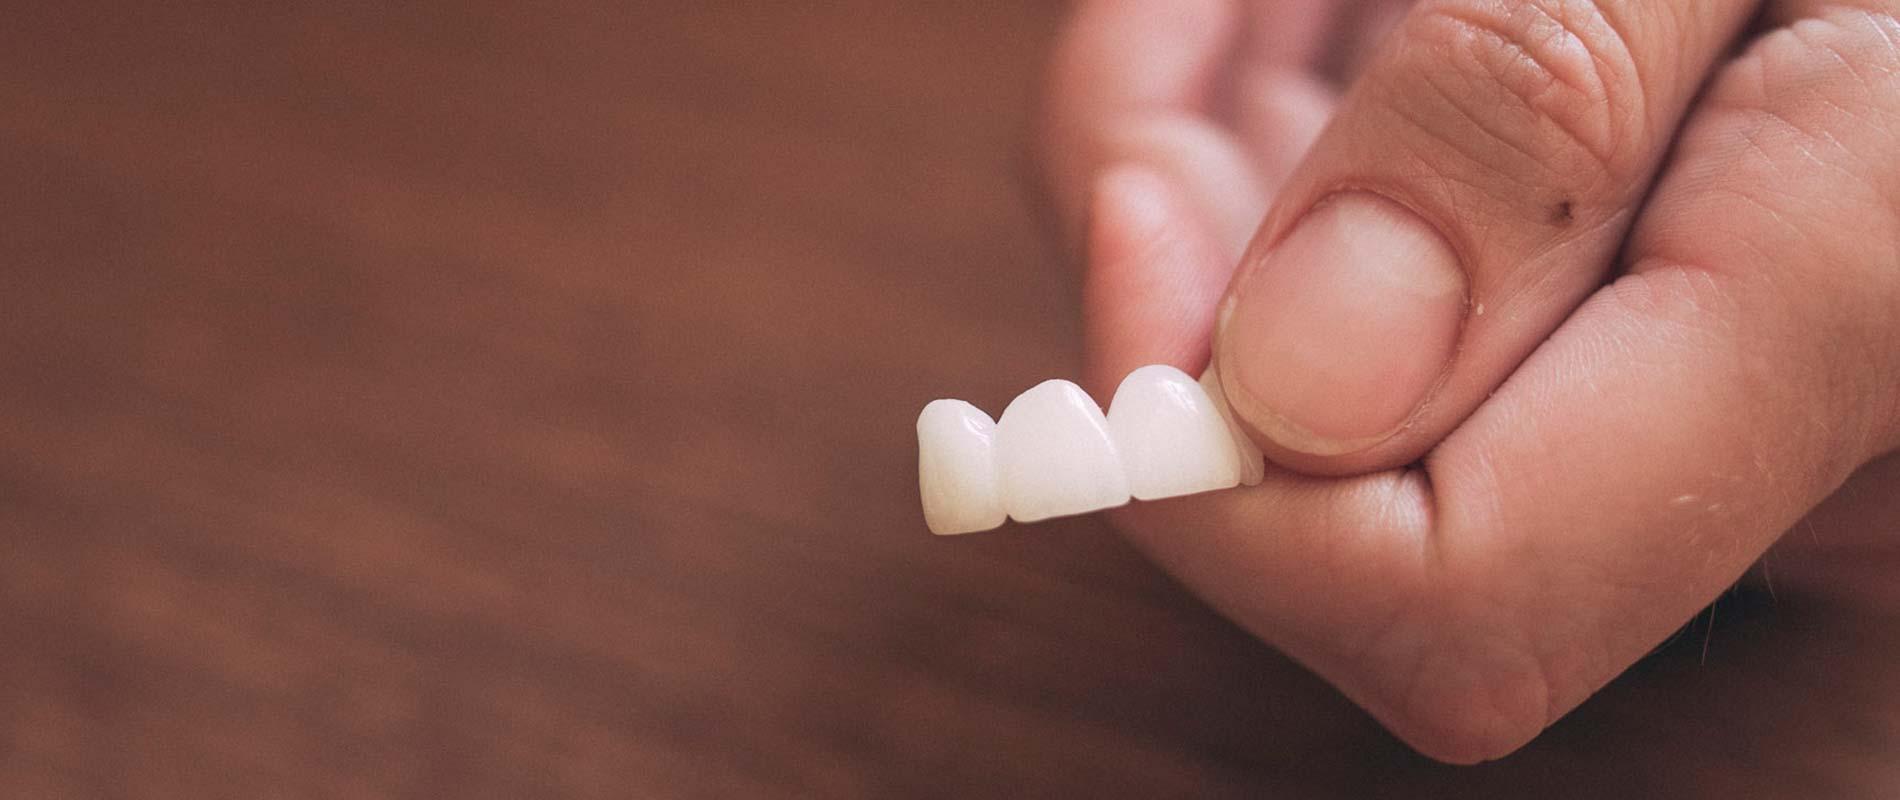 Zahnärztin hält Zahnbrücke in der Hand.